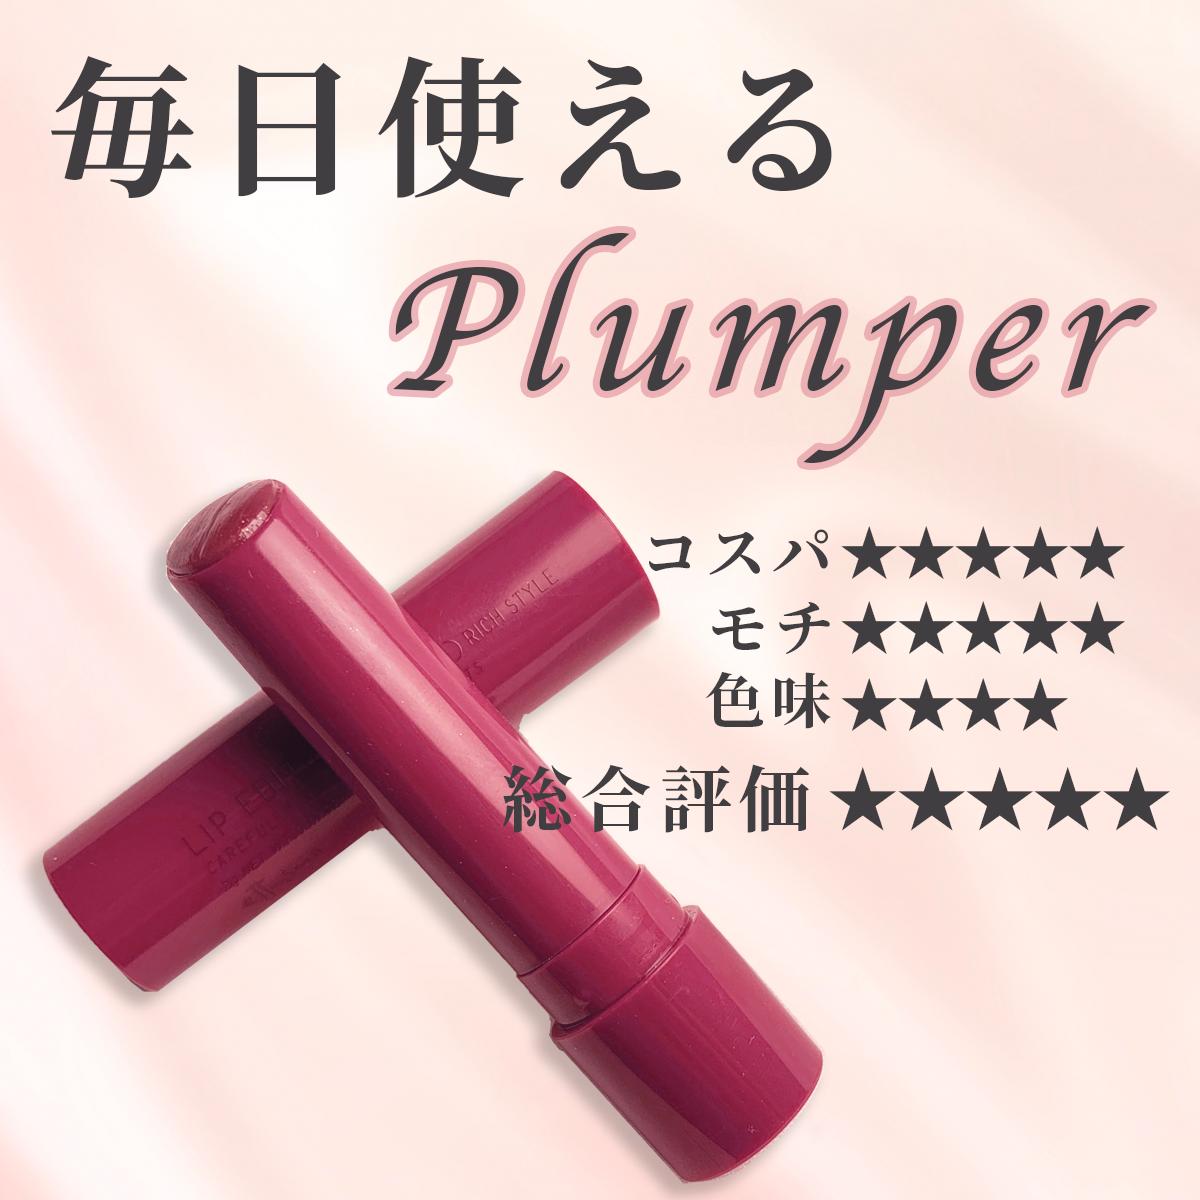 ettusais(エテュセ)リップエディション (プランパー) リッチスタイルを使った Amberさんのクチコミ画像